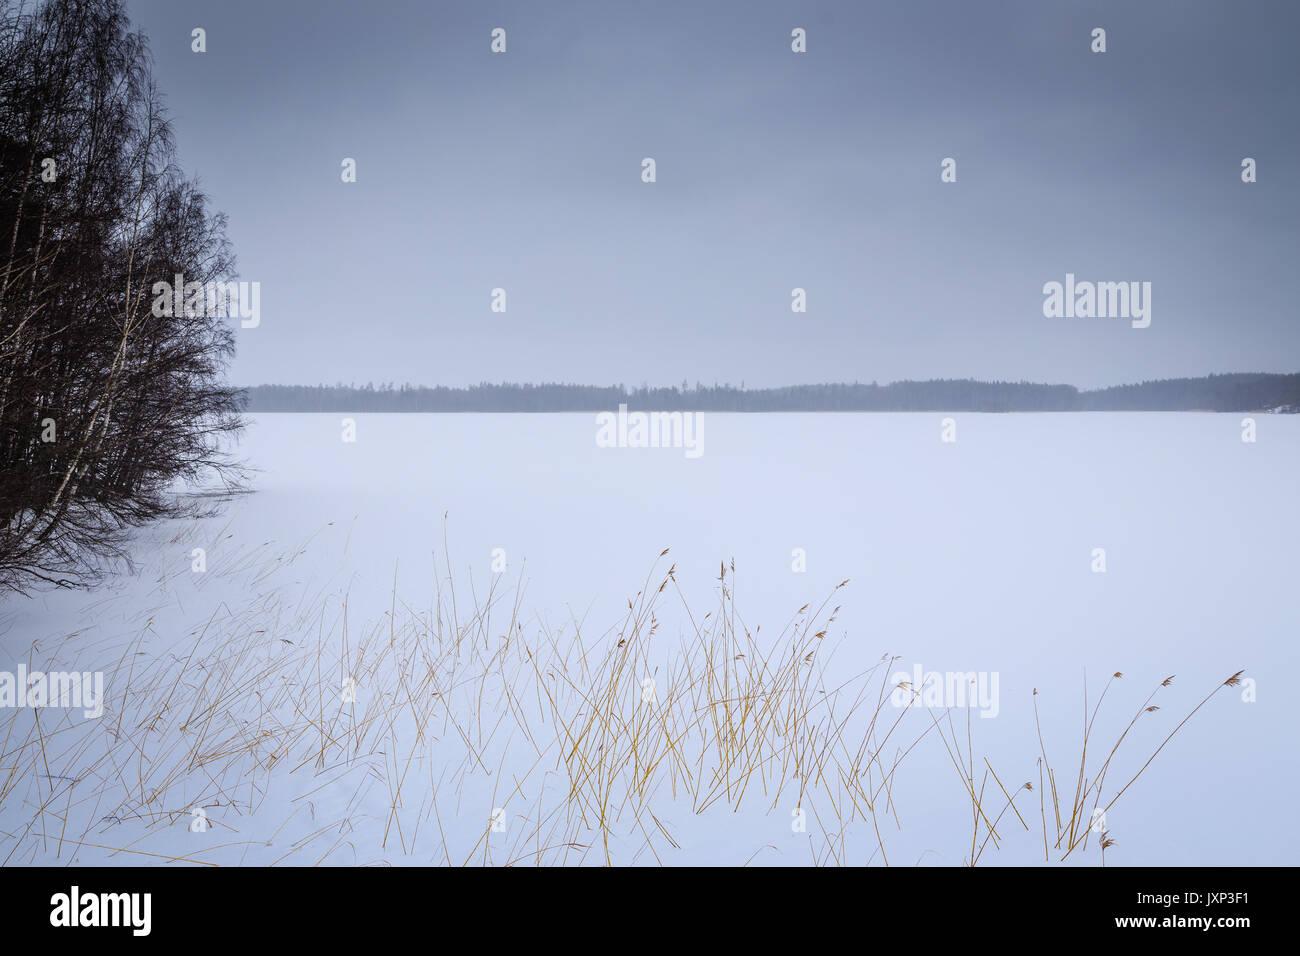 A frozen Lake near Rauma, Finland - Stock Image